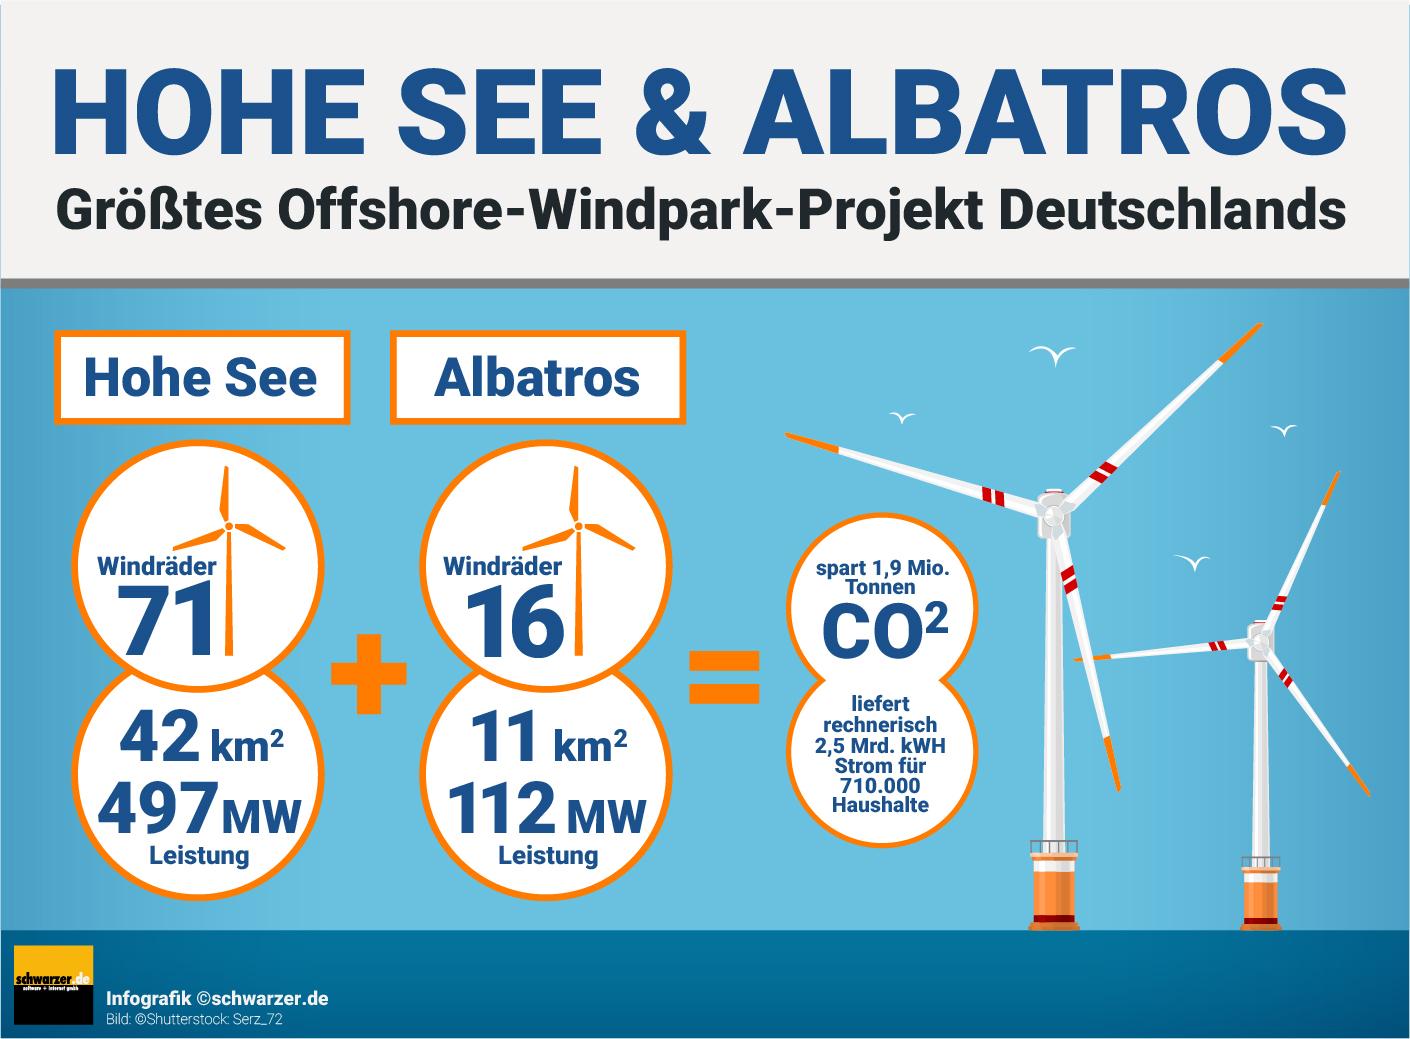 """Infografik: Zahlen und Fakten zum größten Windpark-Projekt Deutschlands mit """"Hohe See"""" und """"Albatros"""" von EnBW."""